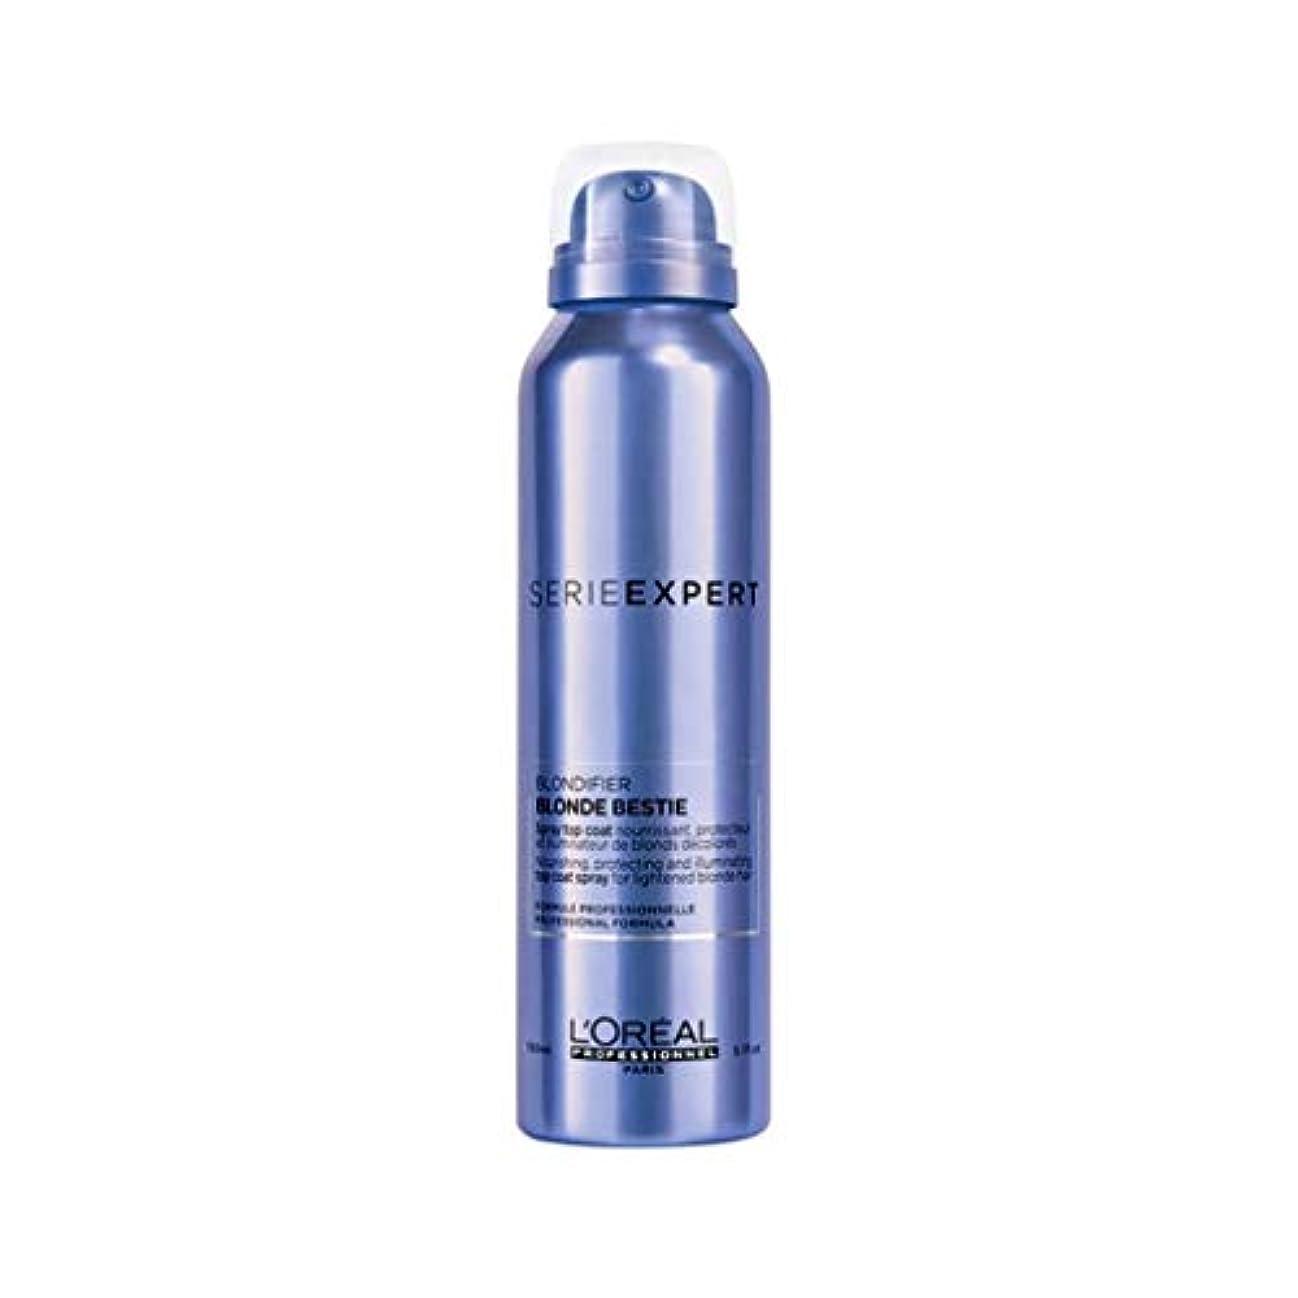 海軍爬虫類ローストロレアル セリエ エクスパート ブロンディファイア ブロンド ベスティー スプレー L'Oreal Serie Expert Blondifier Blond Bestie Spray 150 ml [並行輸入品]